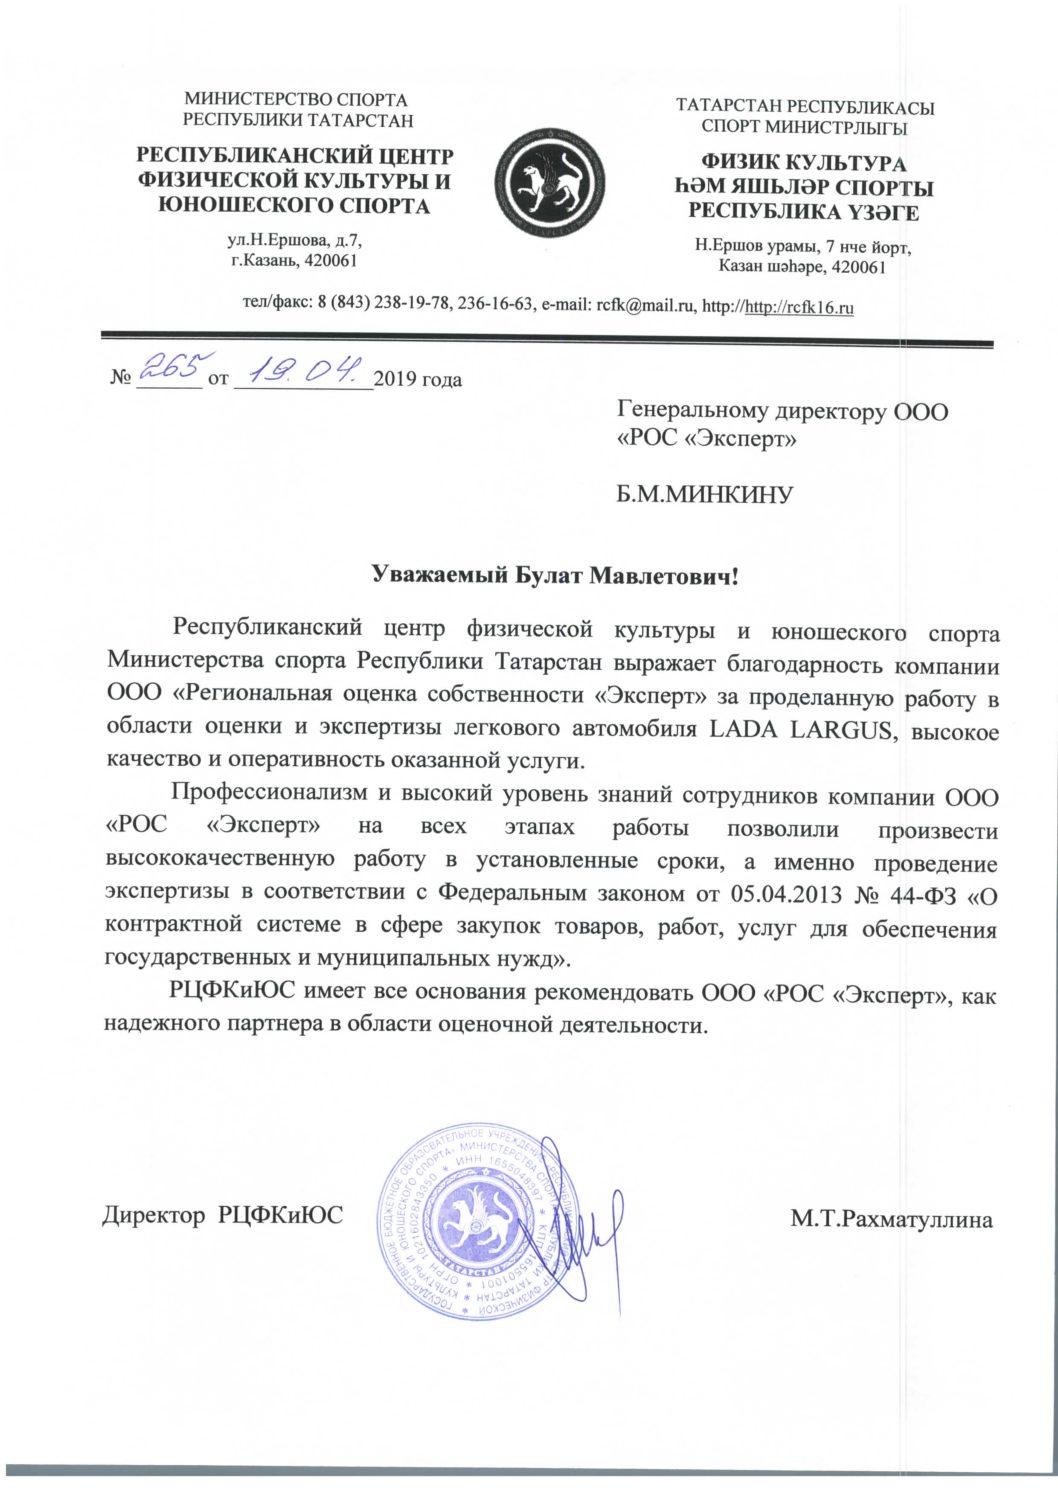 Министерство спорта Республики Татарстан